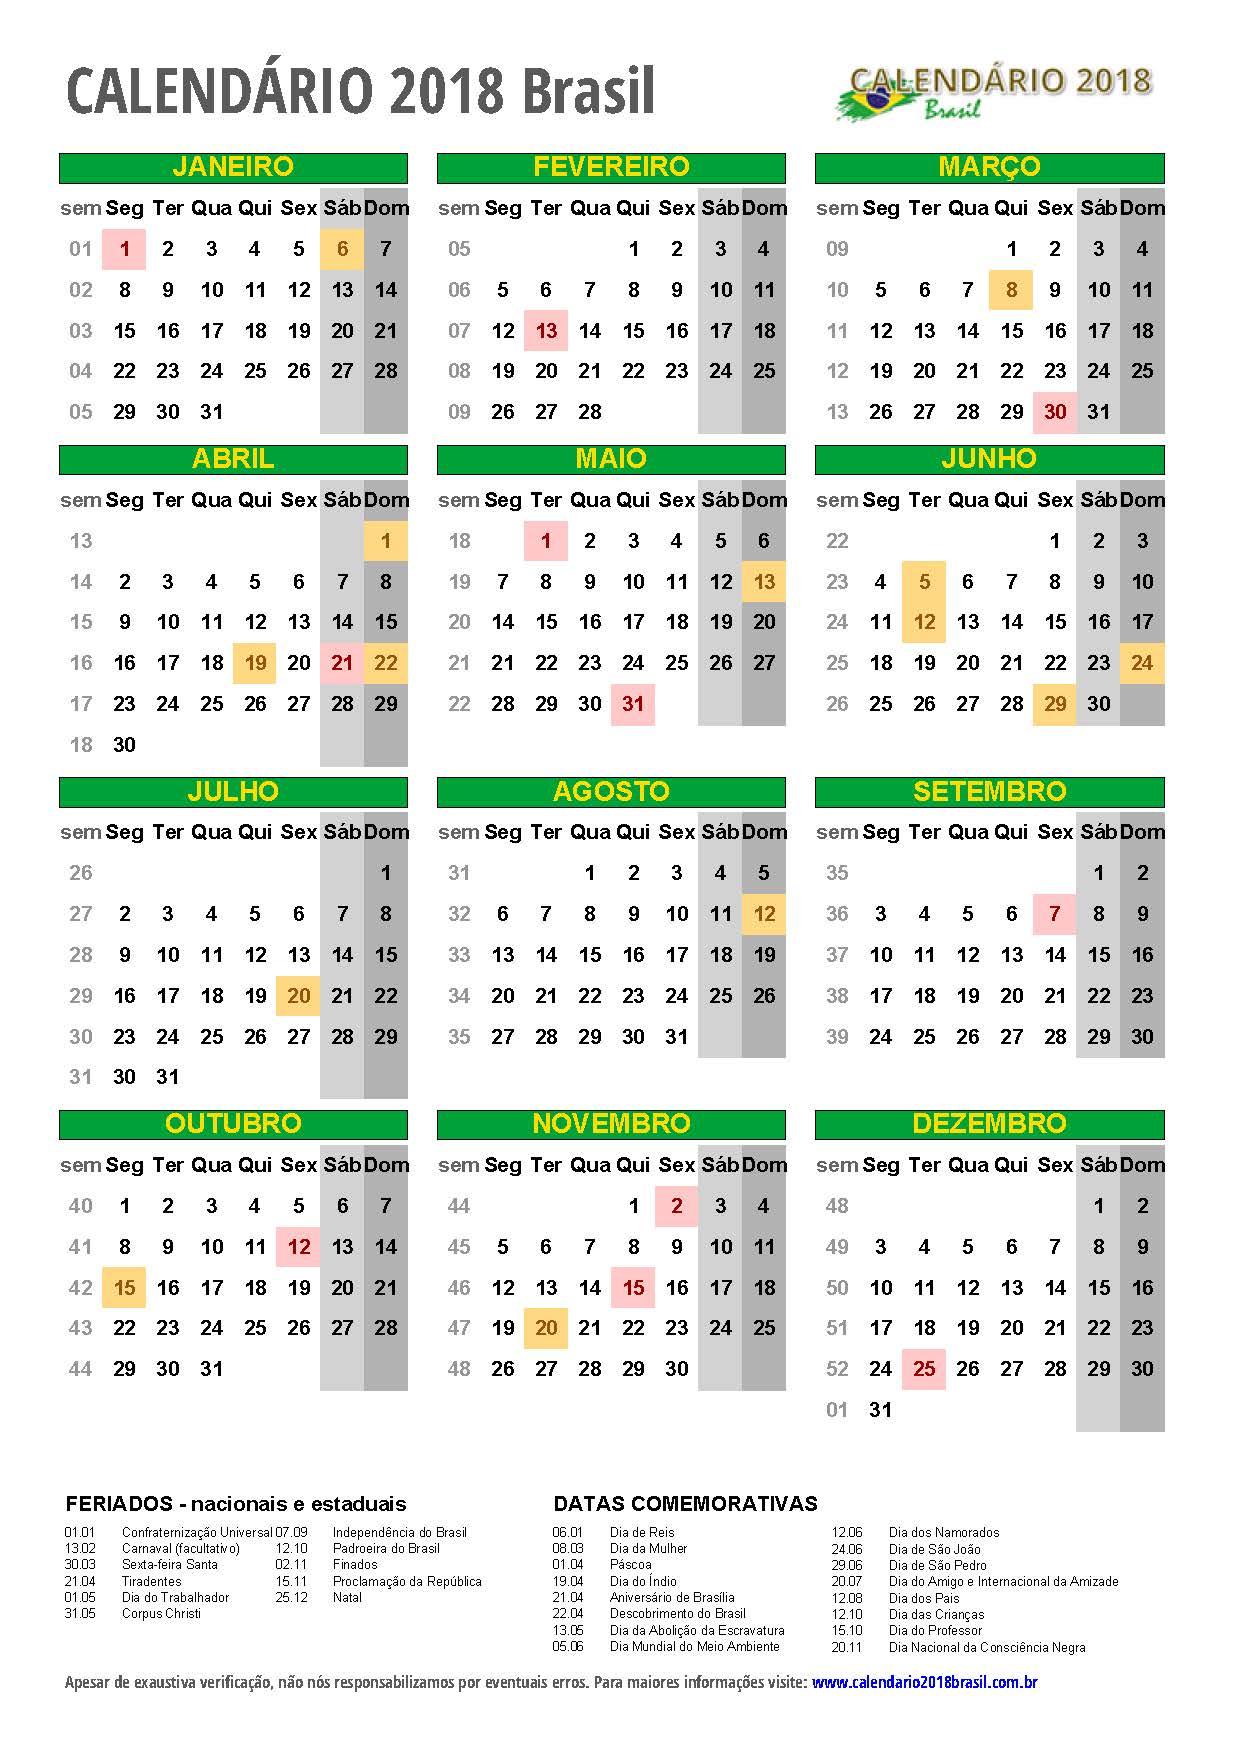 pdf jpg calendrio 2018 brasil